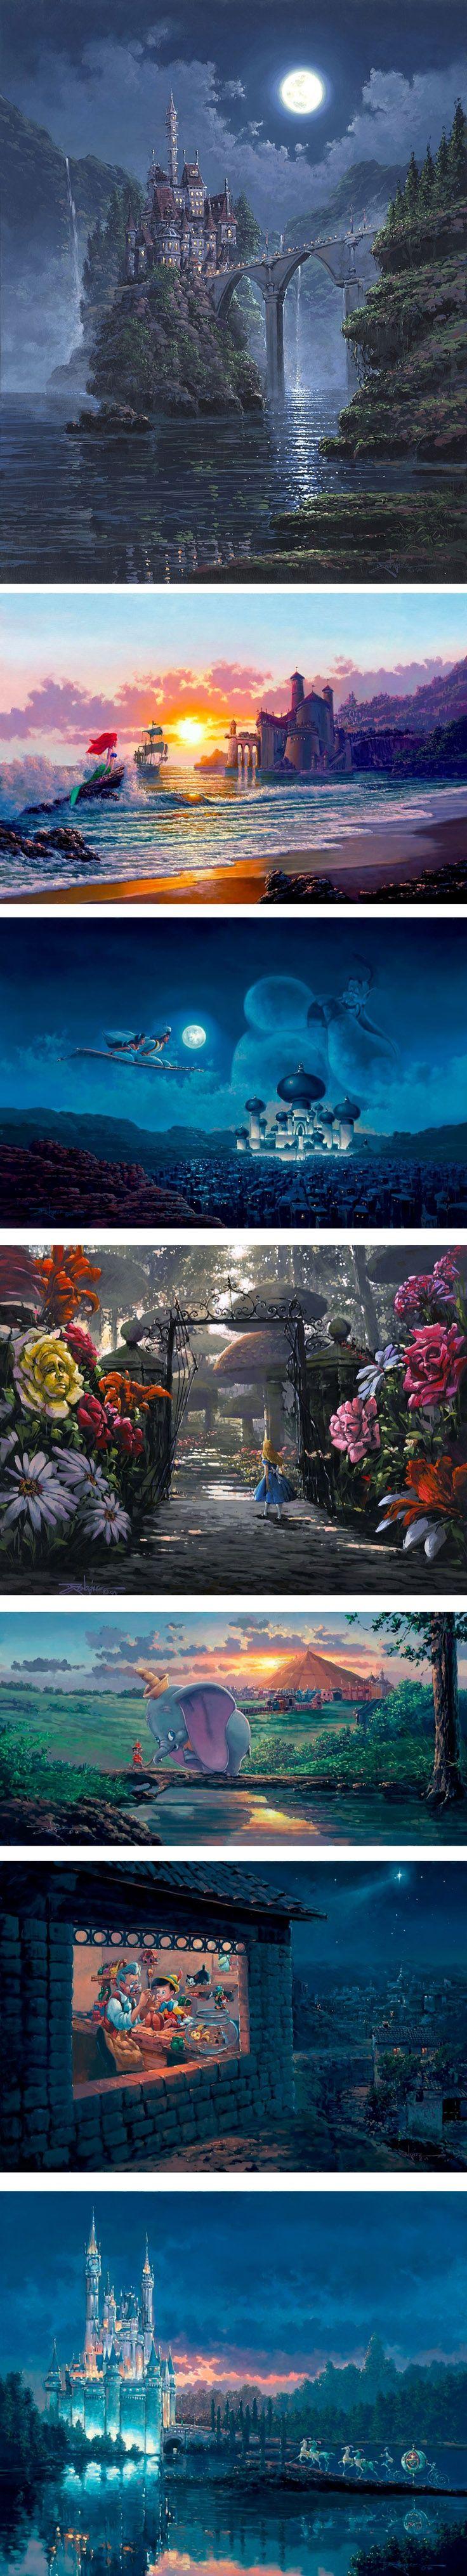 lugares magicos que amar